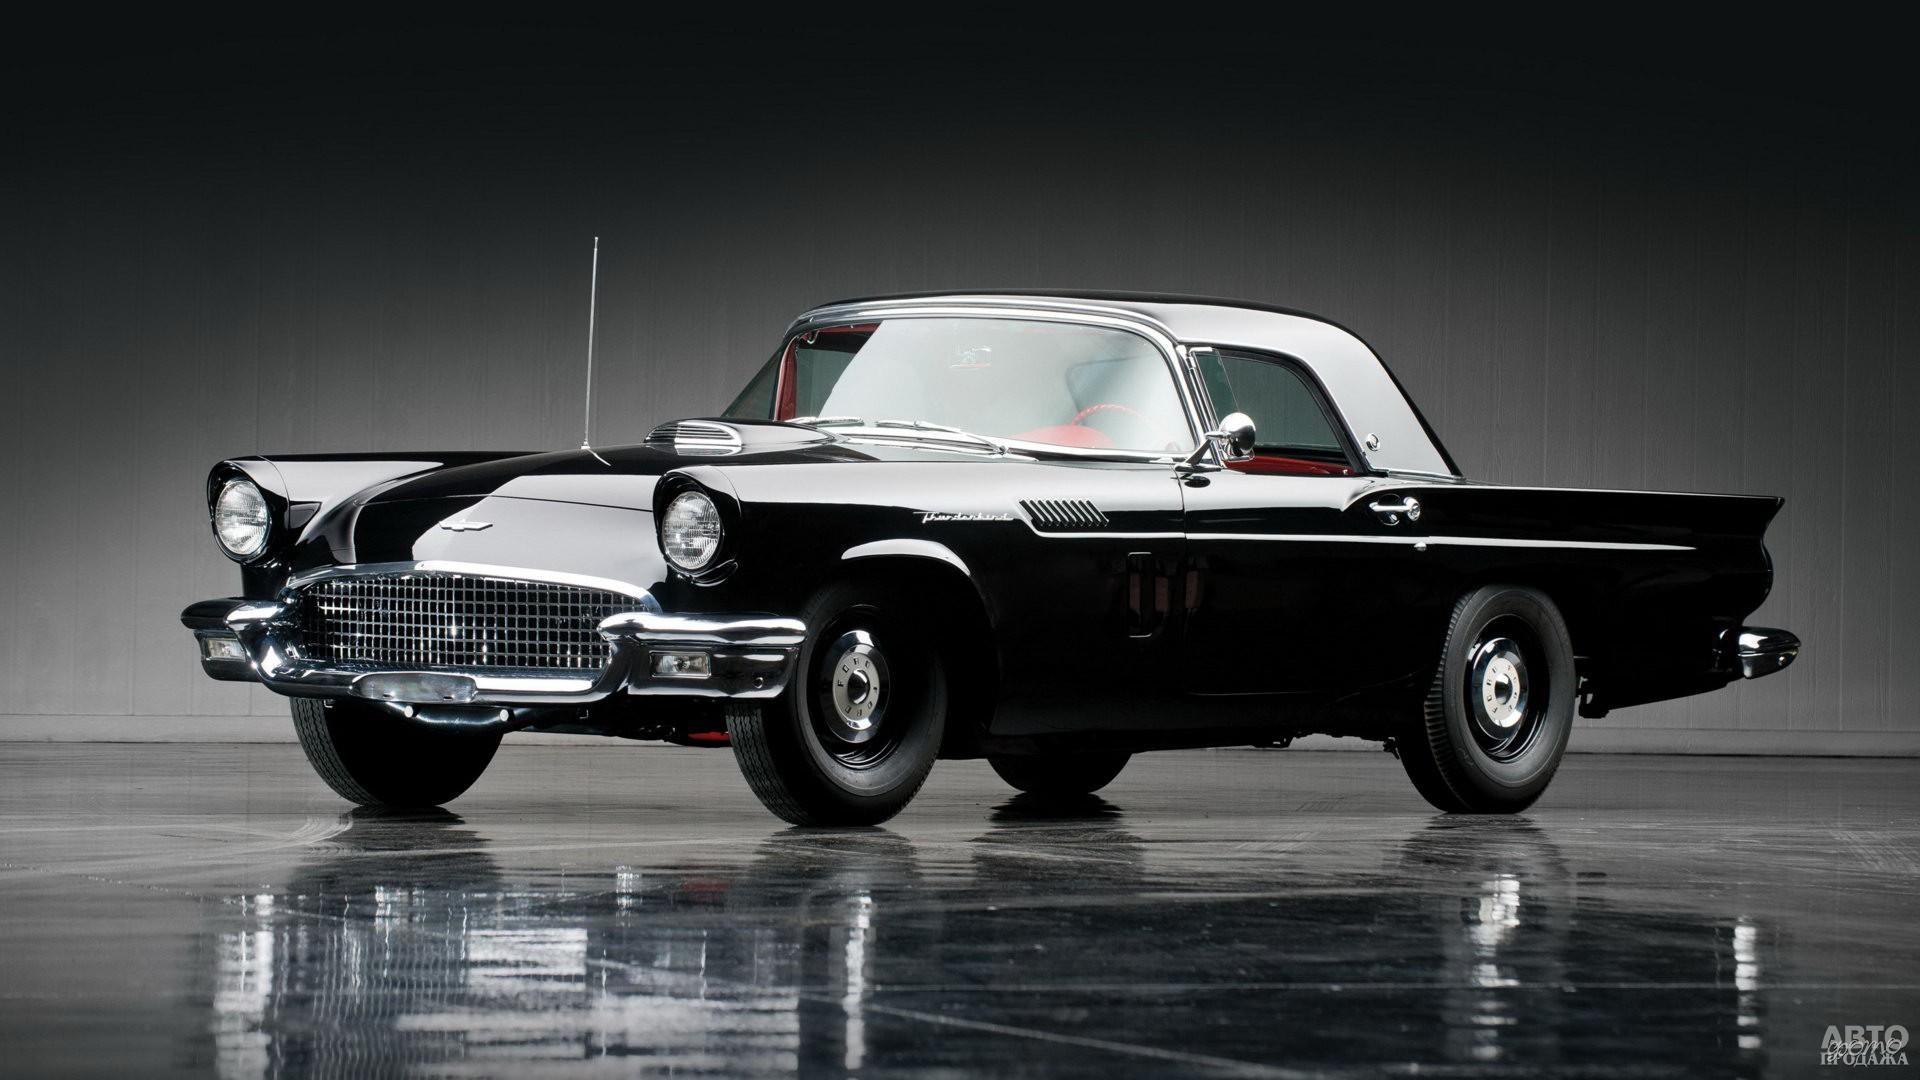 Модель 1957 года была немного удлиненна и получила 340-сильный компрессорный двигатель